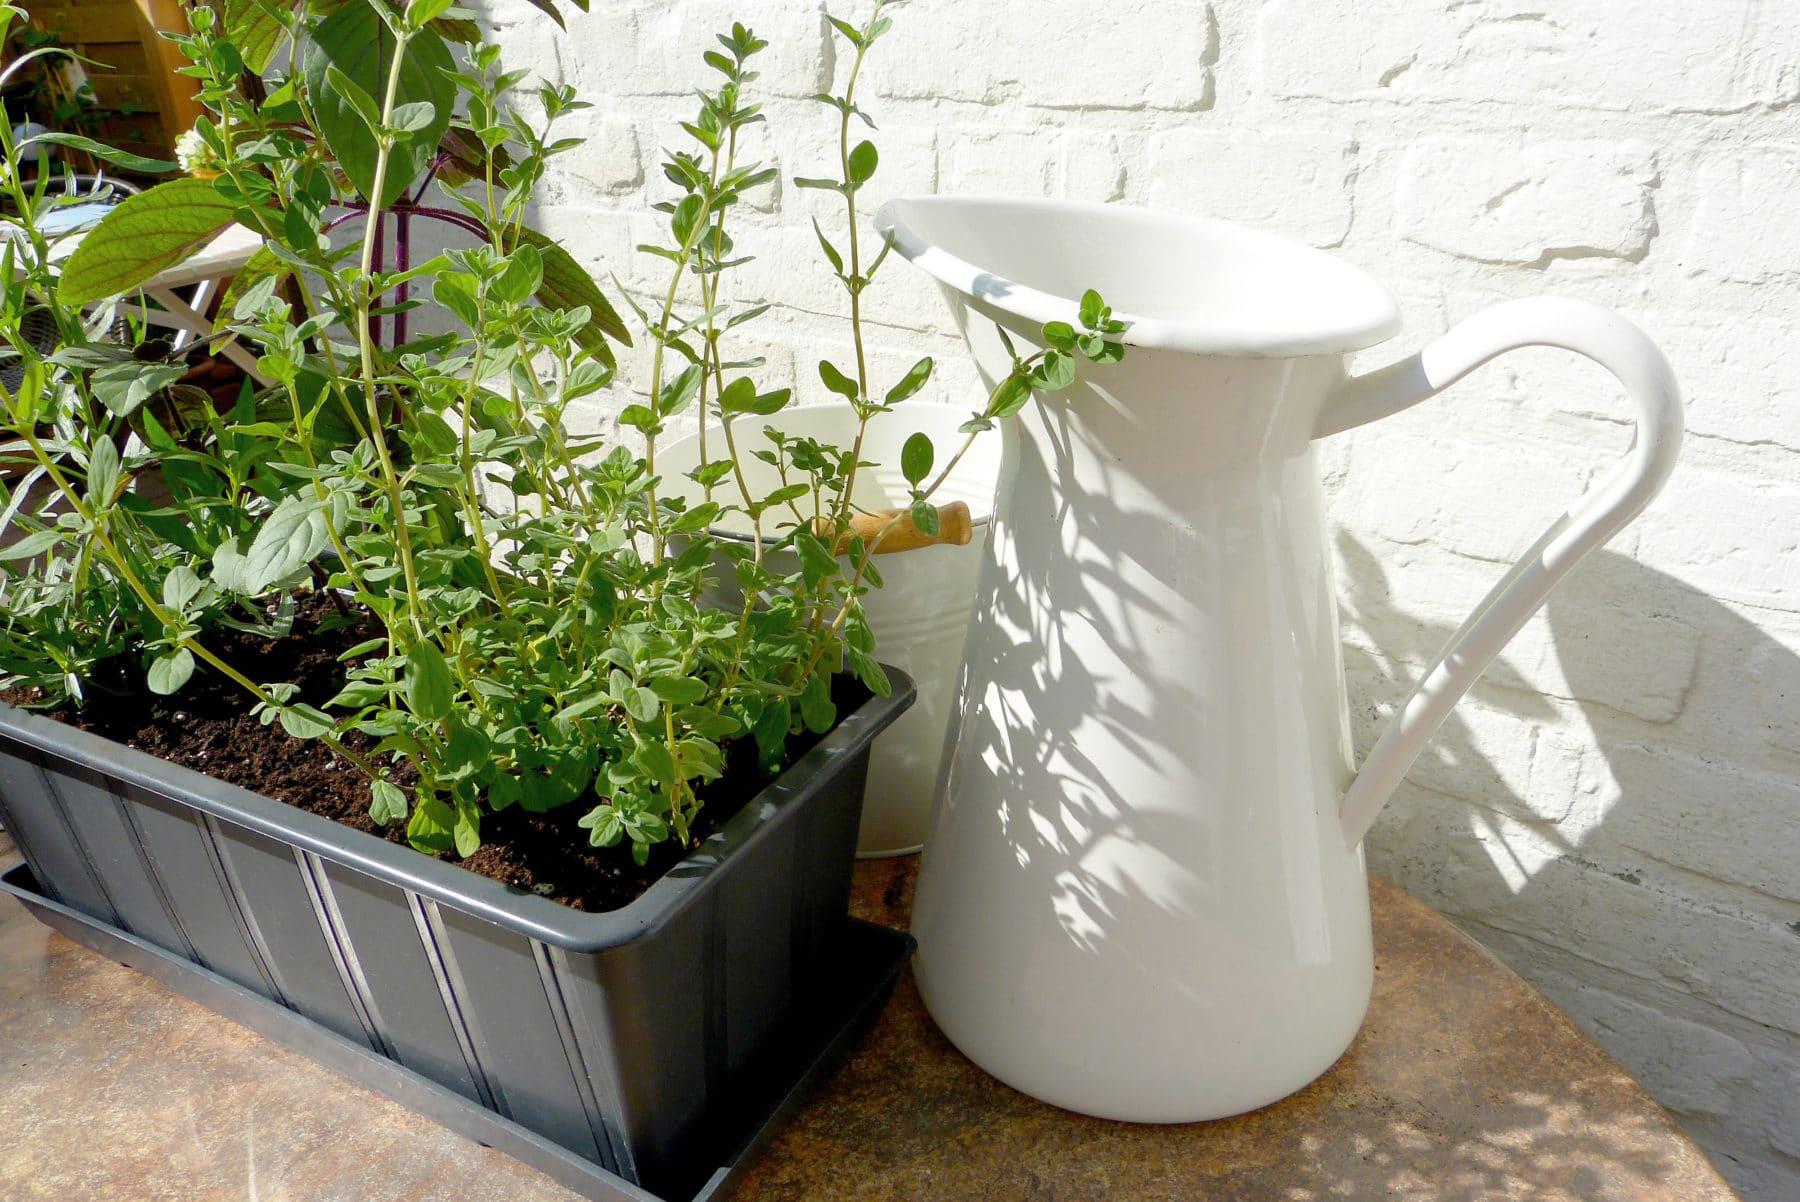 kr uter auf dem balkon pflanzen mit dieser anleitung gelingt es. Black Bedroom Furniture Sets. Home Design Ideas